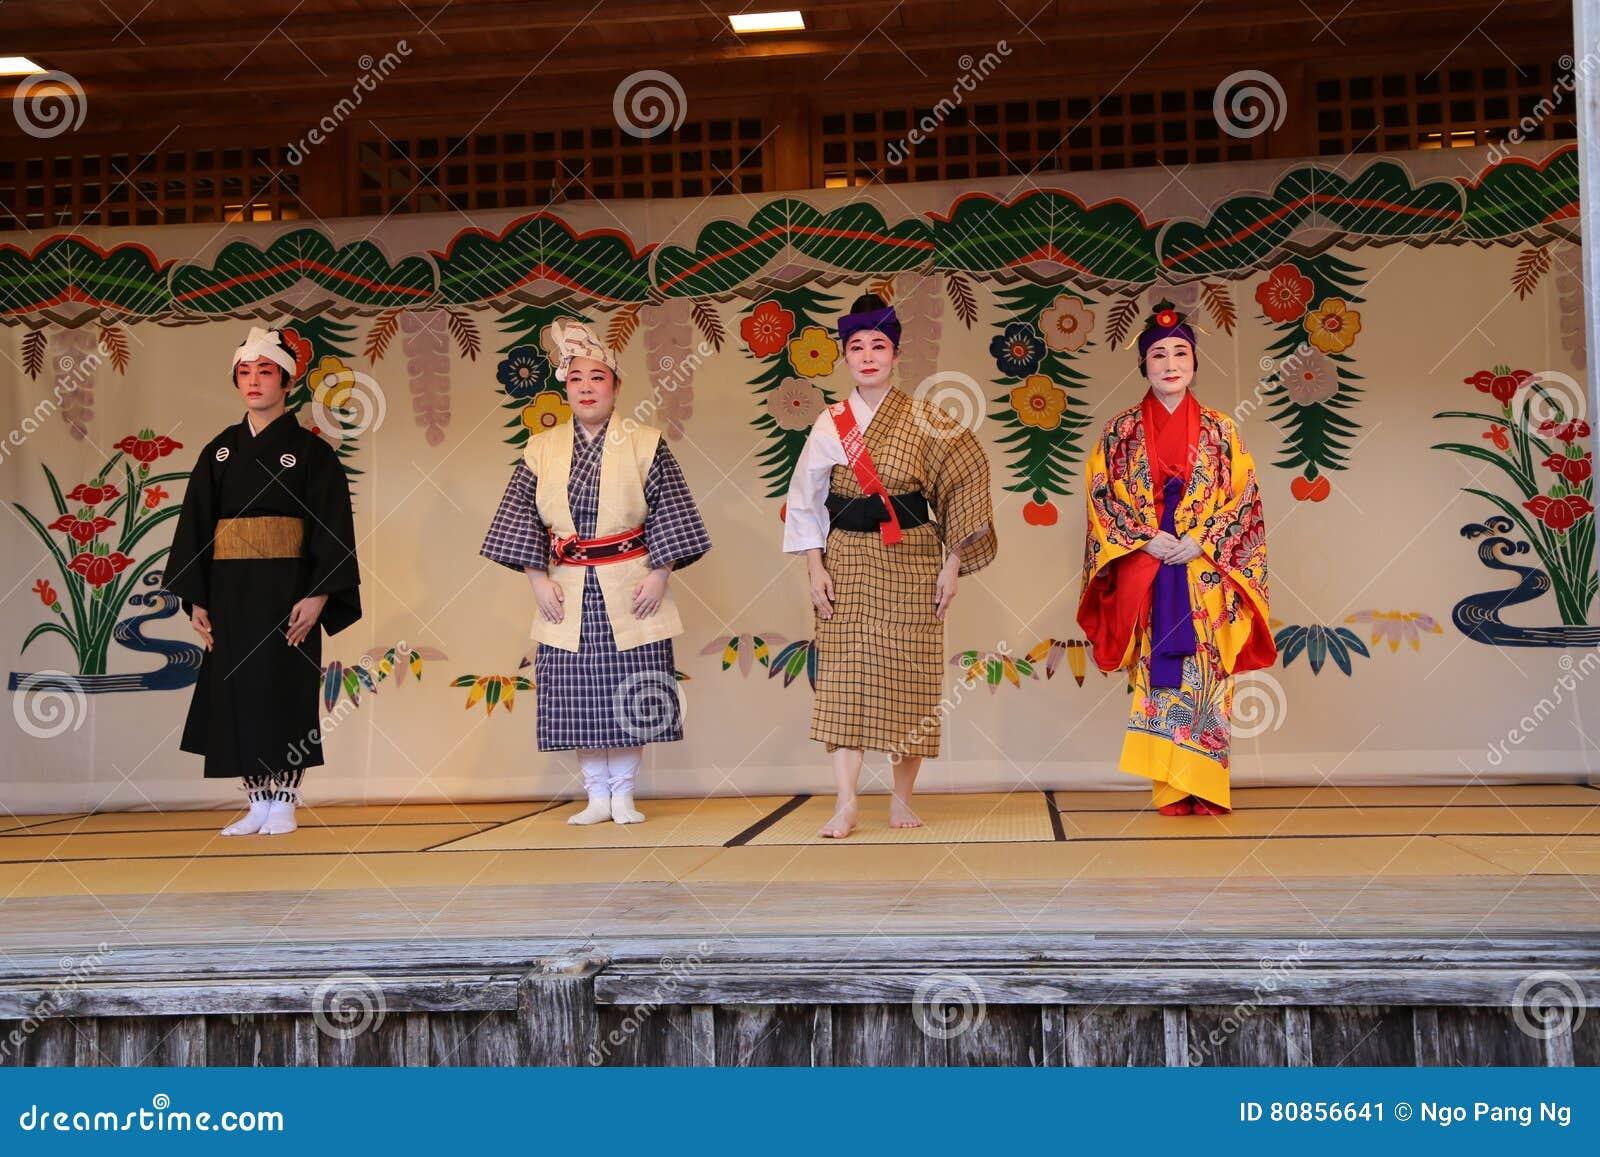 OKINAWA - 8 DE OCTUBRE: Danza de Ryukyu en el castillo de Shuri en Okinawa, Japón el 8 de octubre de 2016